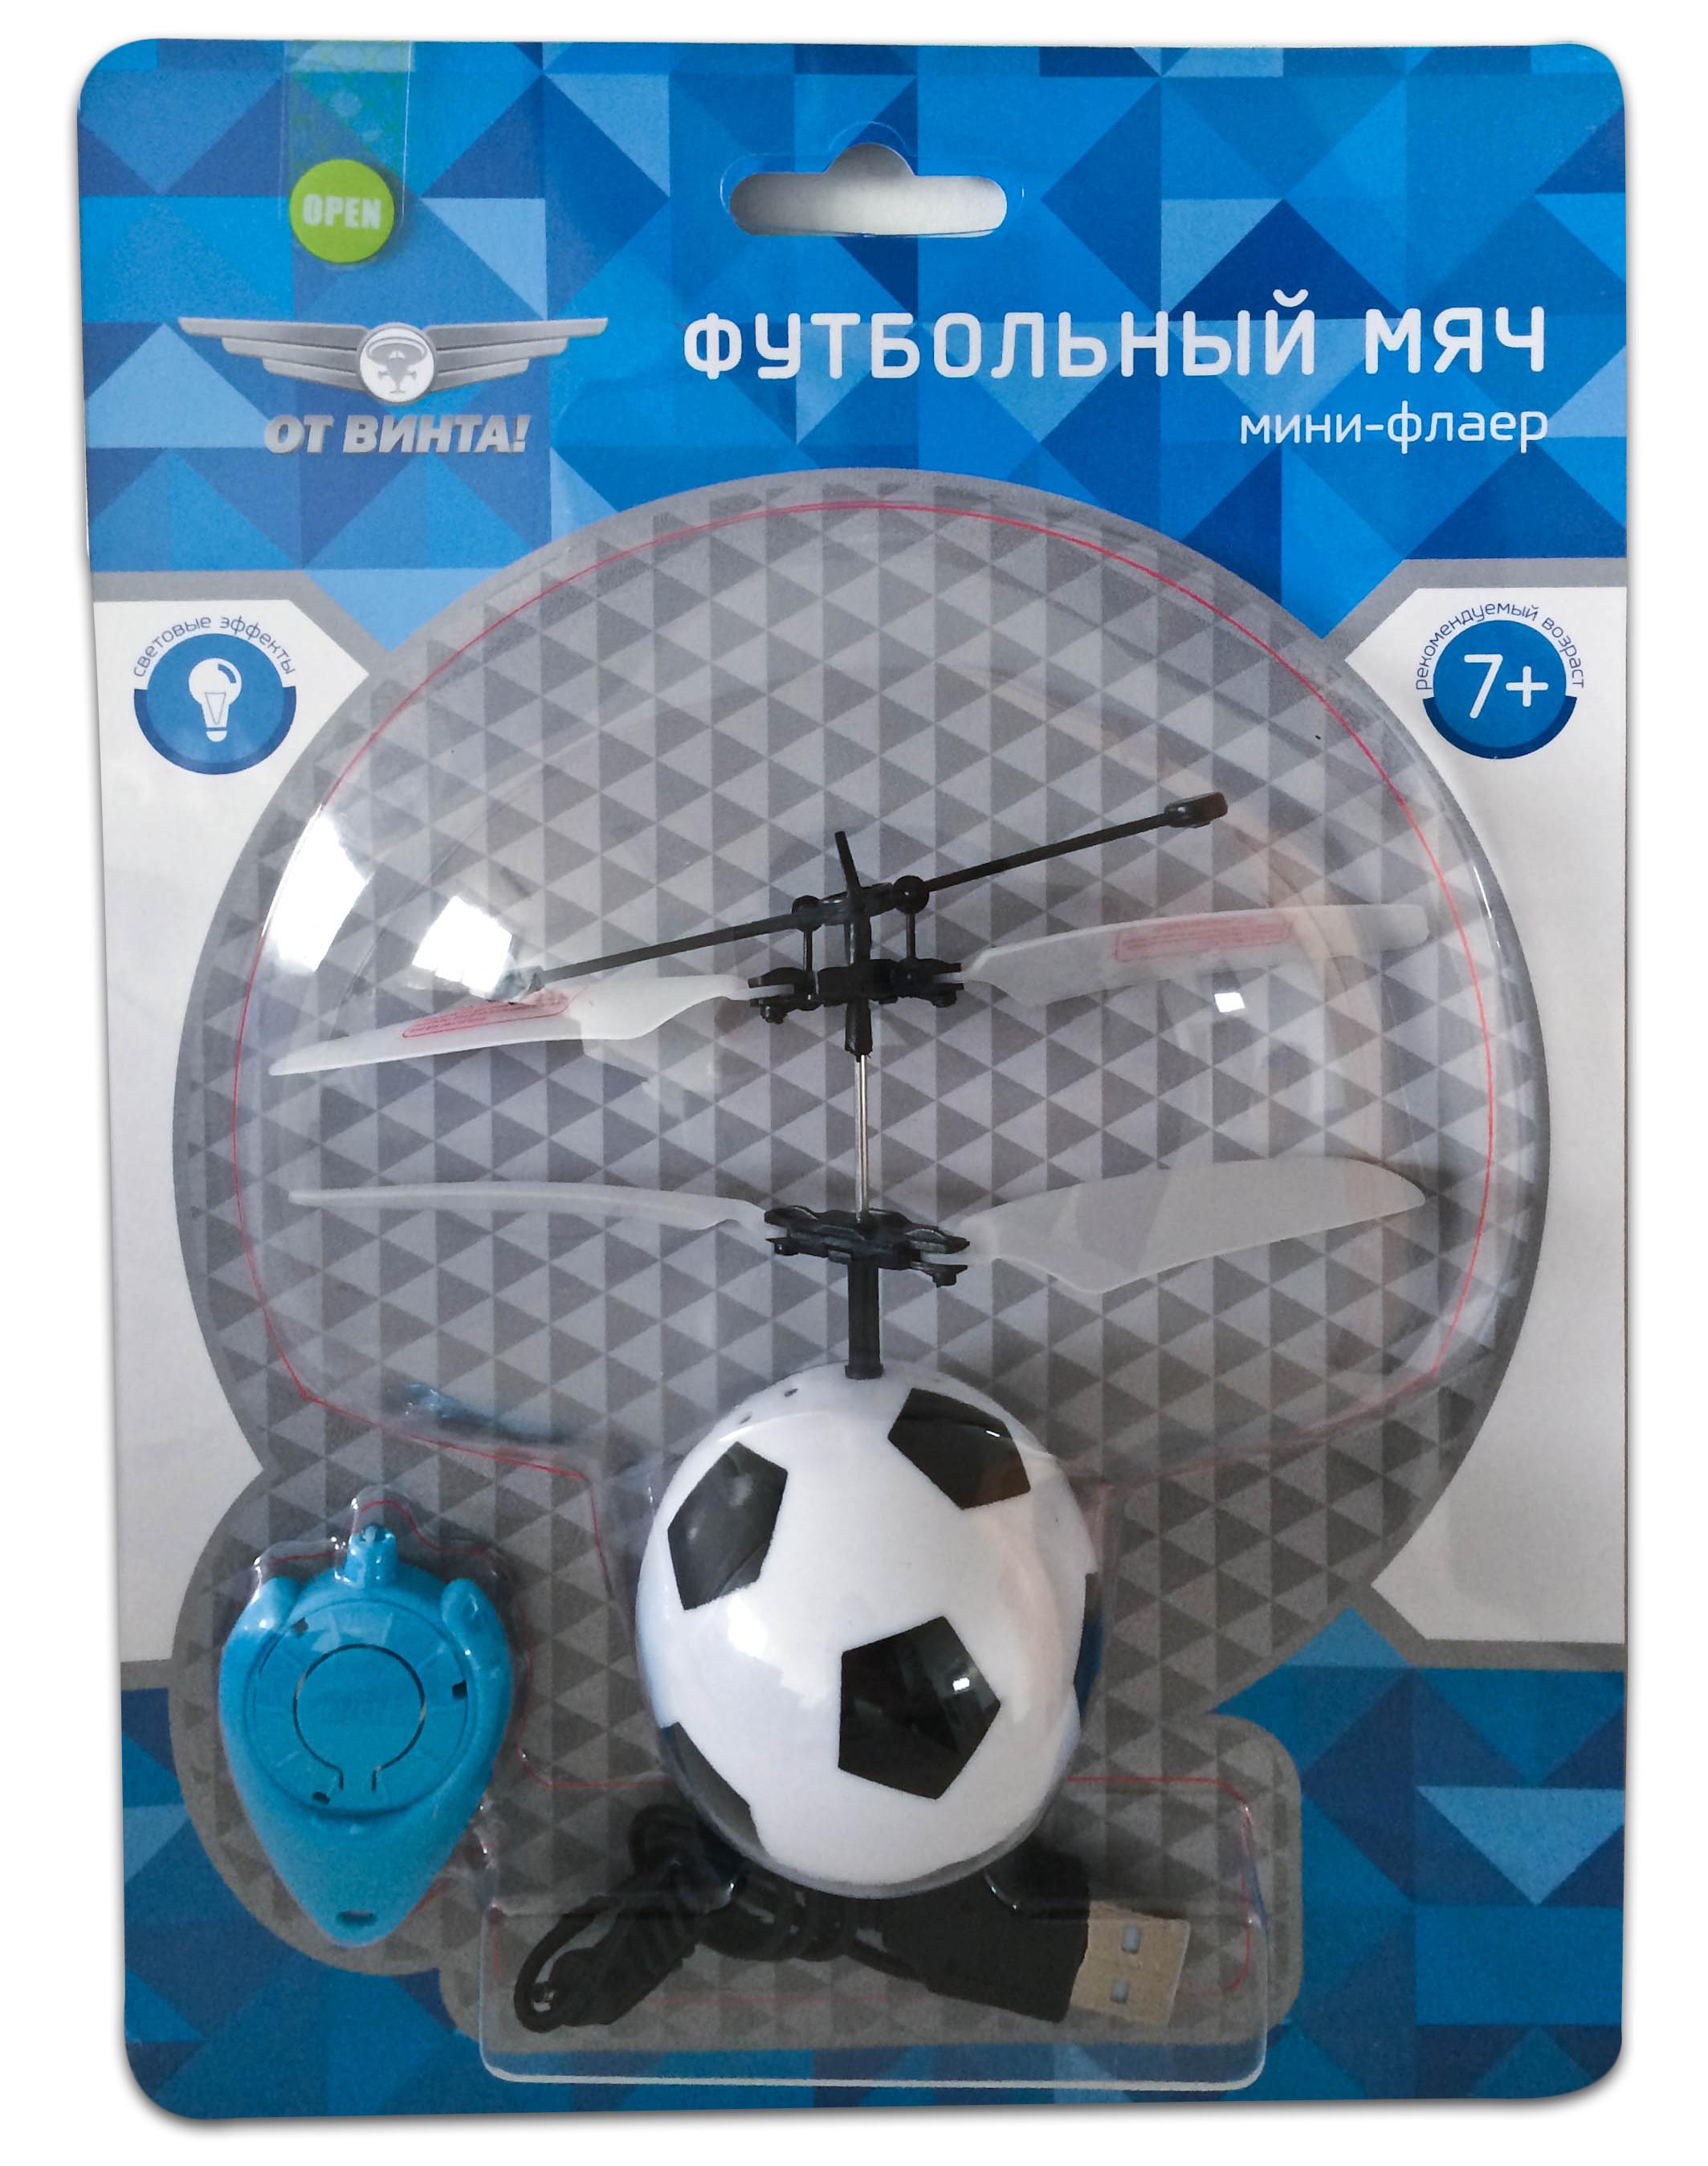 Самолеты и вертолеты От винта! Футбольный мяч вертолеты югославии